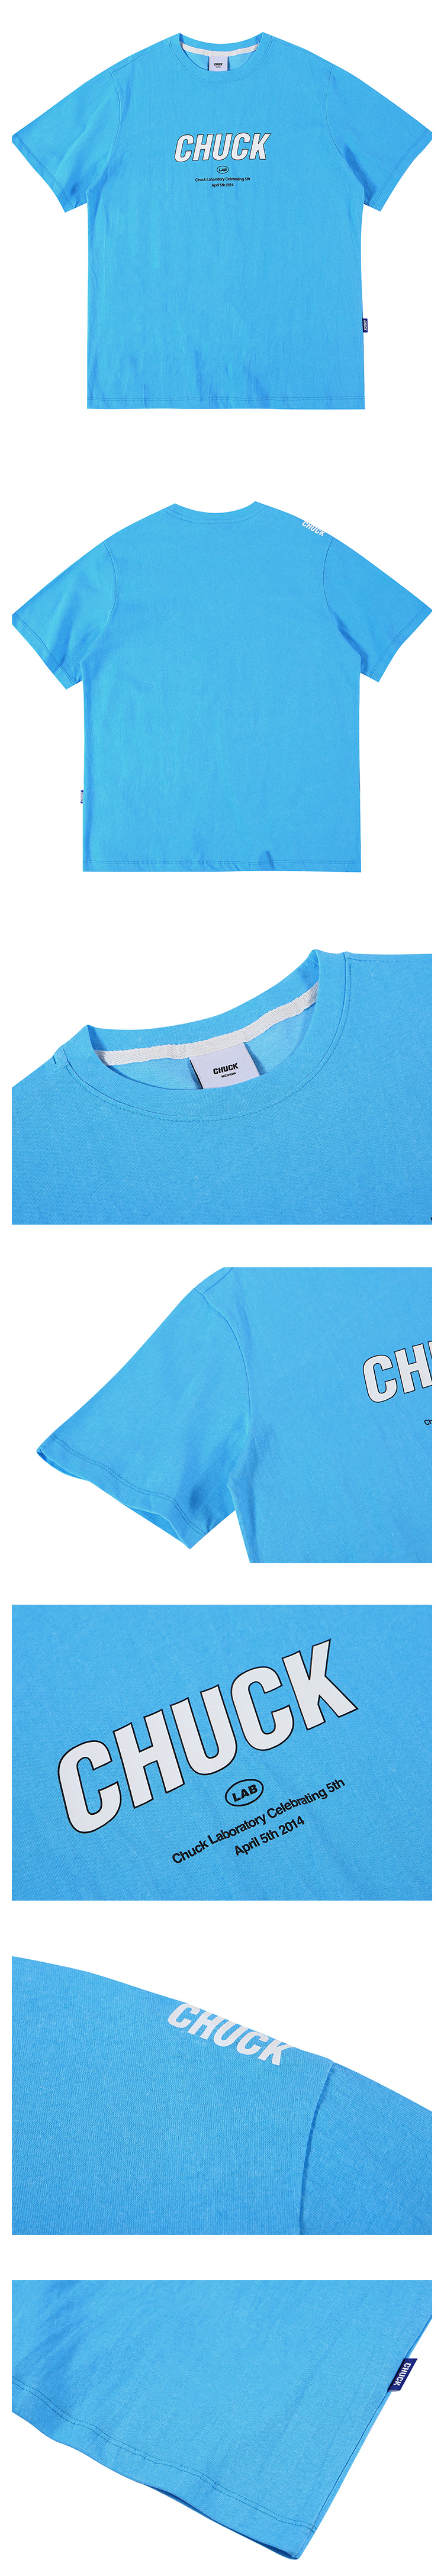 척(CHUCK) 19 SUMMER 척랩 로고 티셔츠 (스카이)